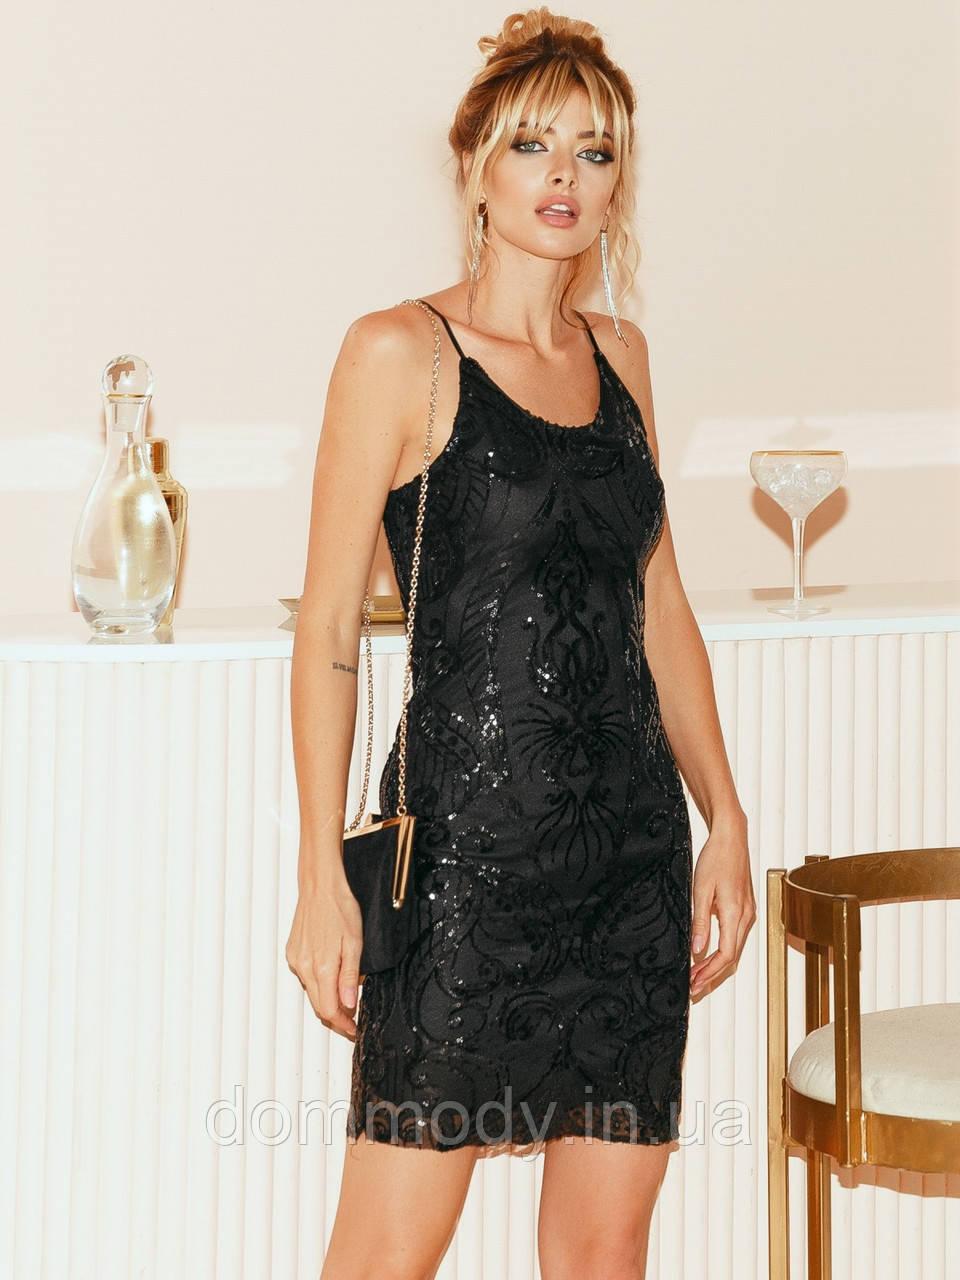 Платье женское Jessica shining black